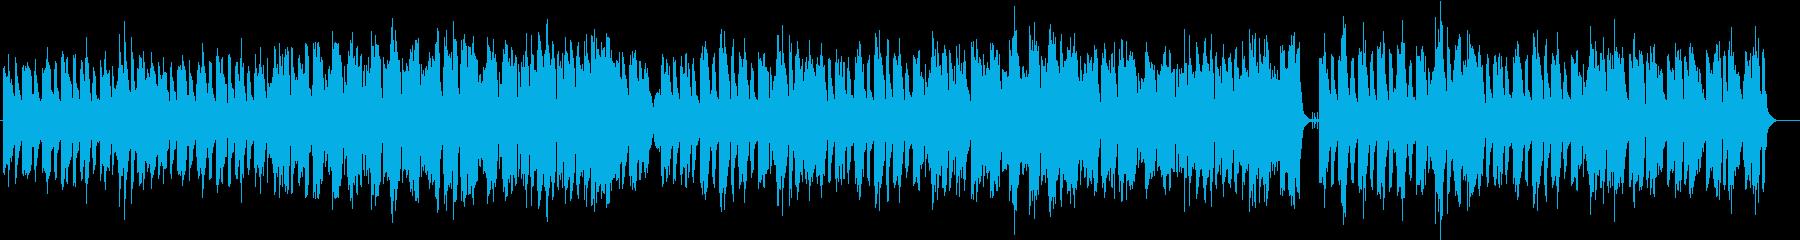 フルート、オーボエ、Pの爽やかなボサノバの再生済みの波形